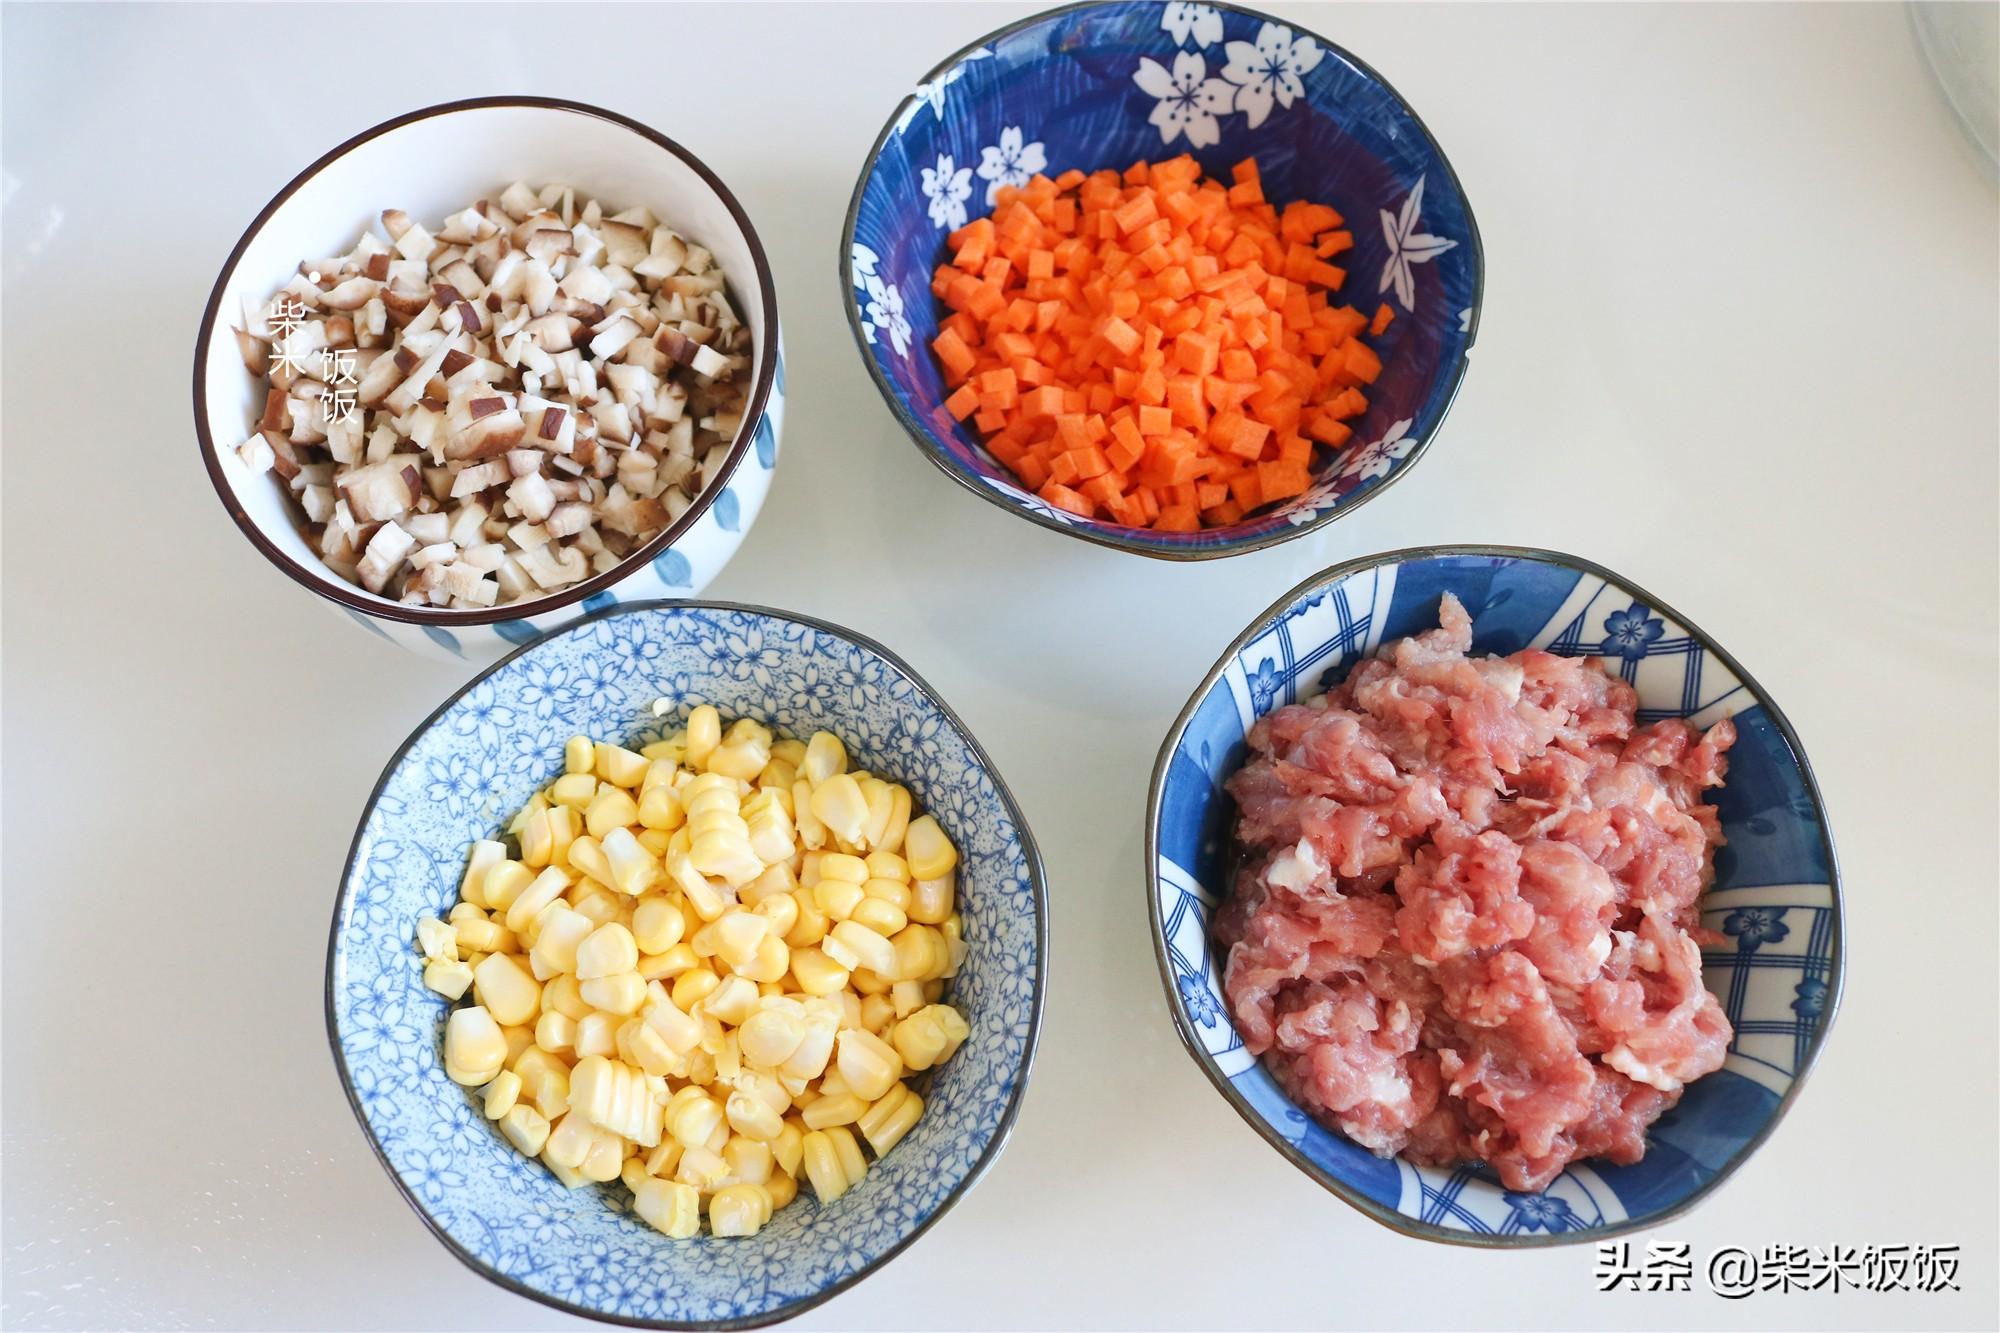 孩子点名要吃的烧麦,做法比饺子简单,一锅蒸33个,凉了也好吃 美食做法 第6张